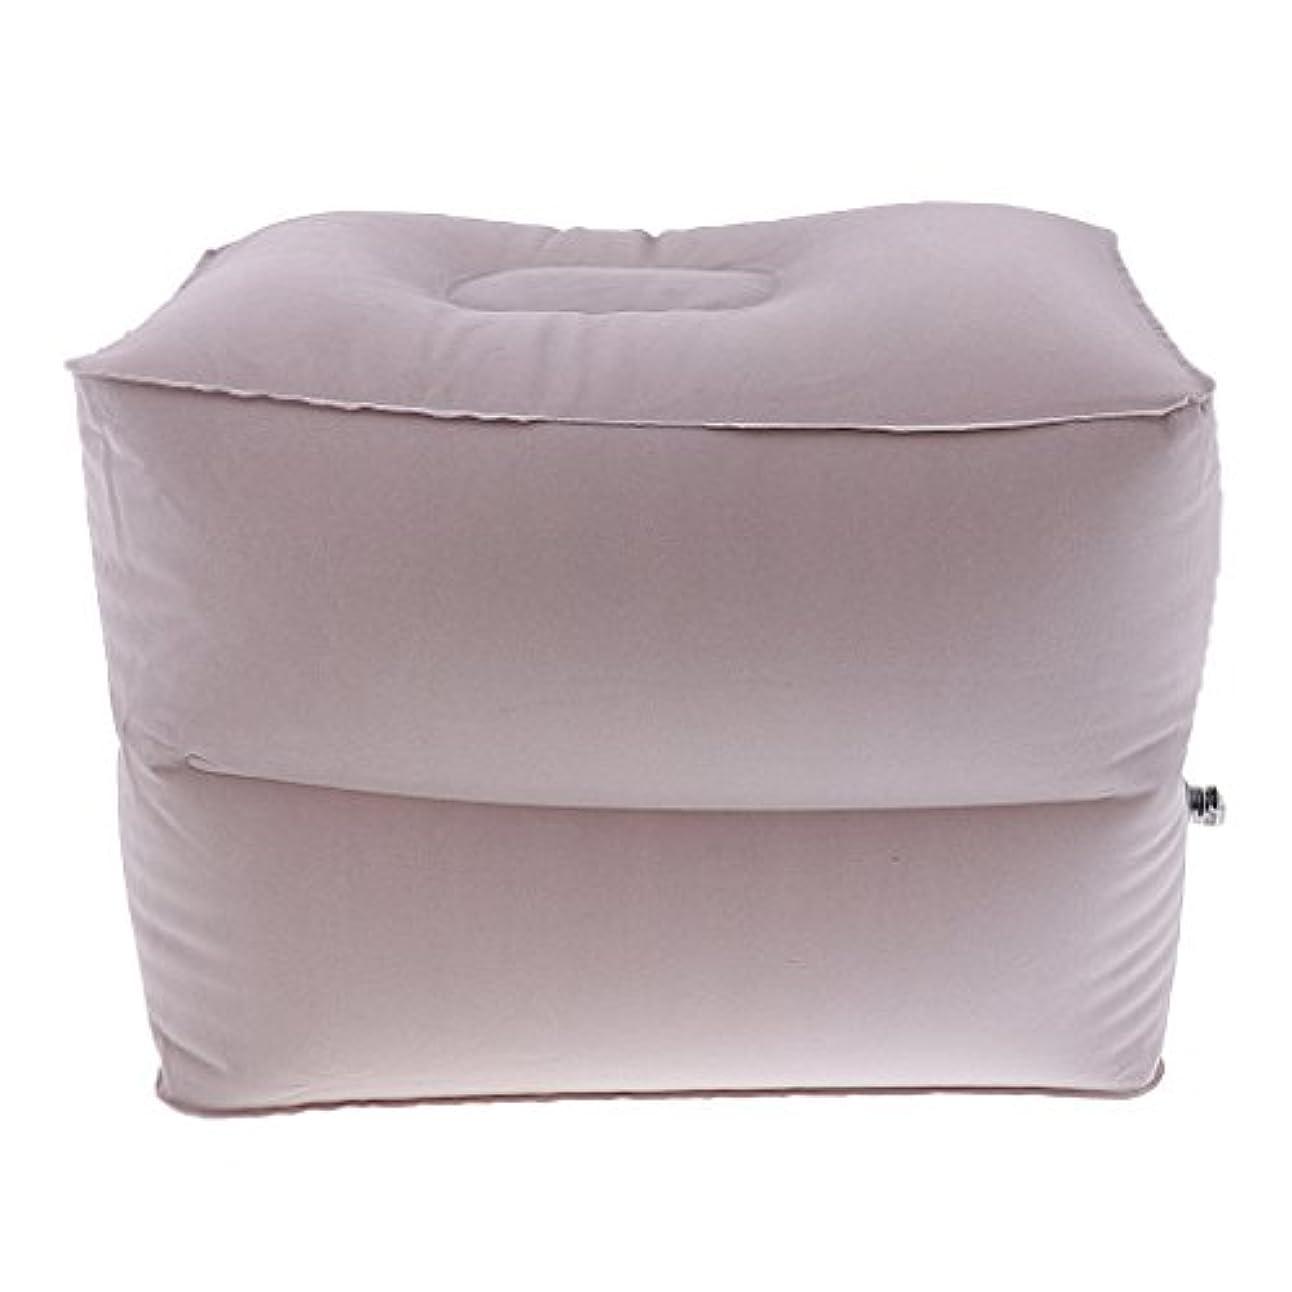 着るファンブルメロドラマトラベル インフレータブル フットレスト フットパッド フットマット ピロー 収納袋付き 全2サイズ - グレー, 小